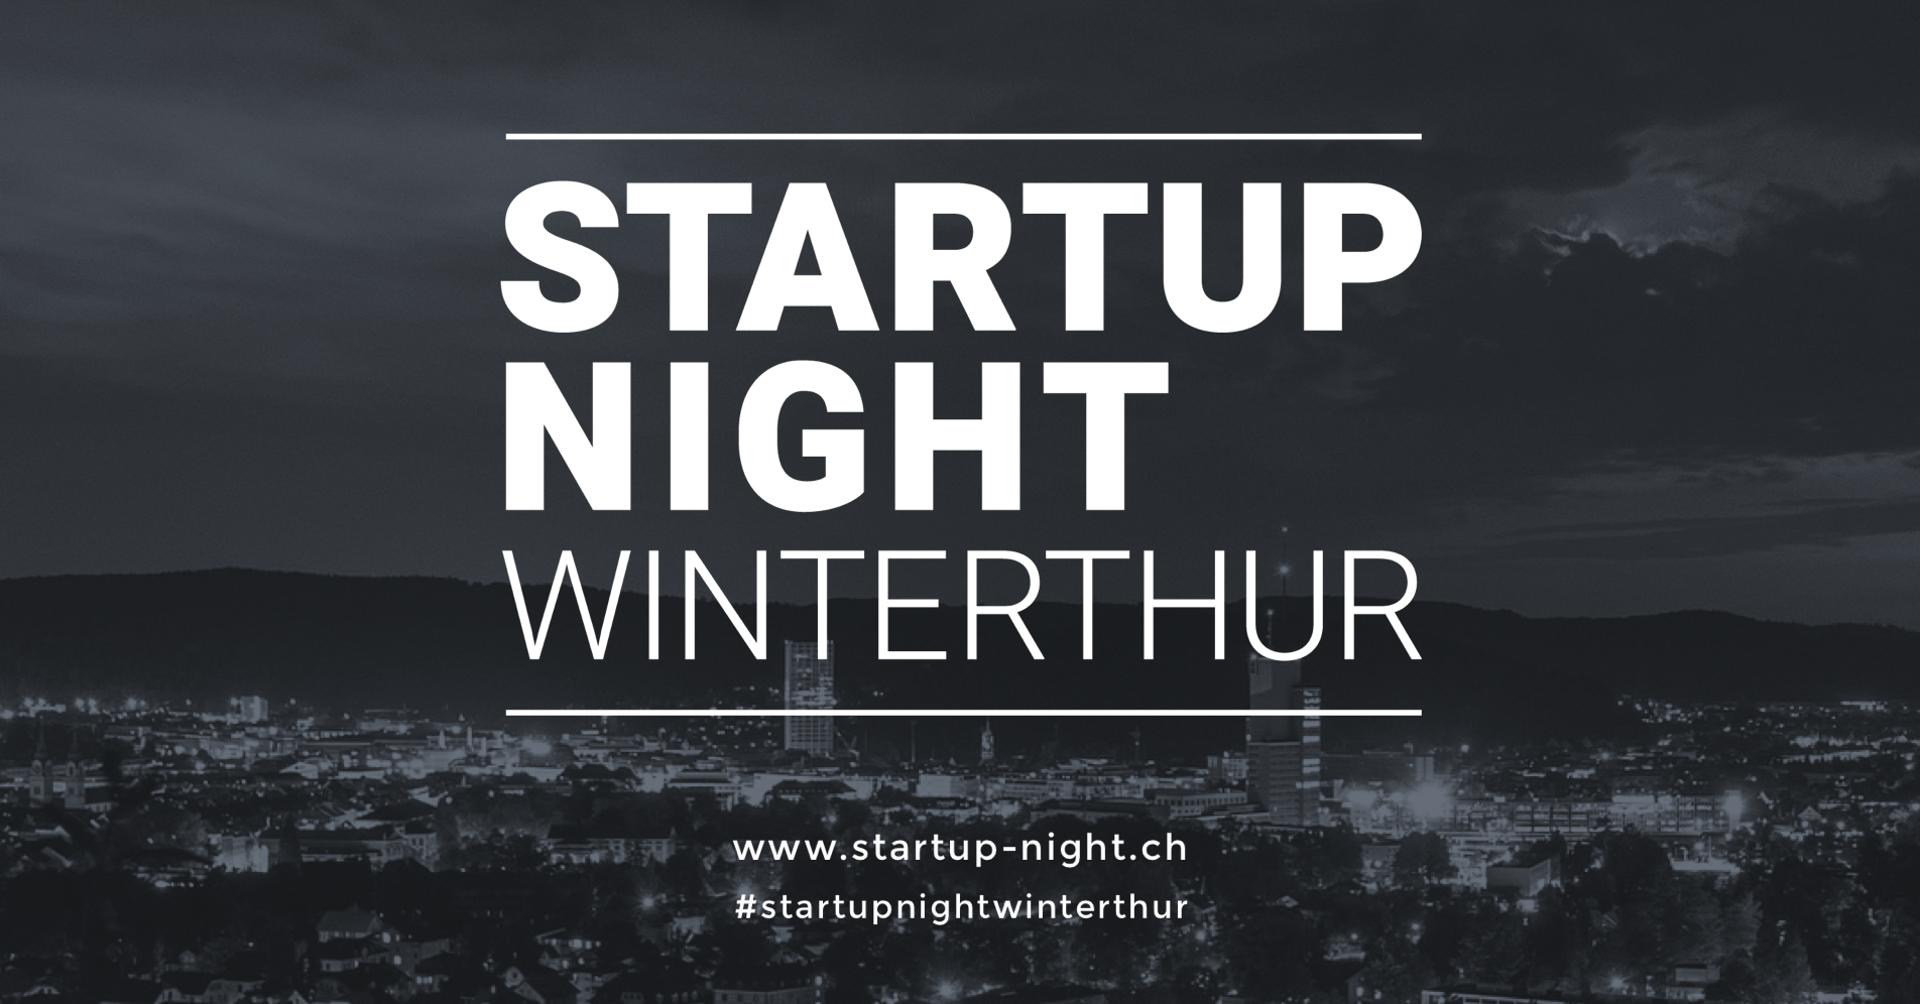 Startup Night 2018_1920x1080